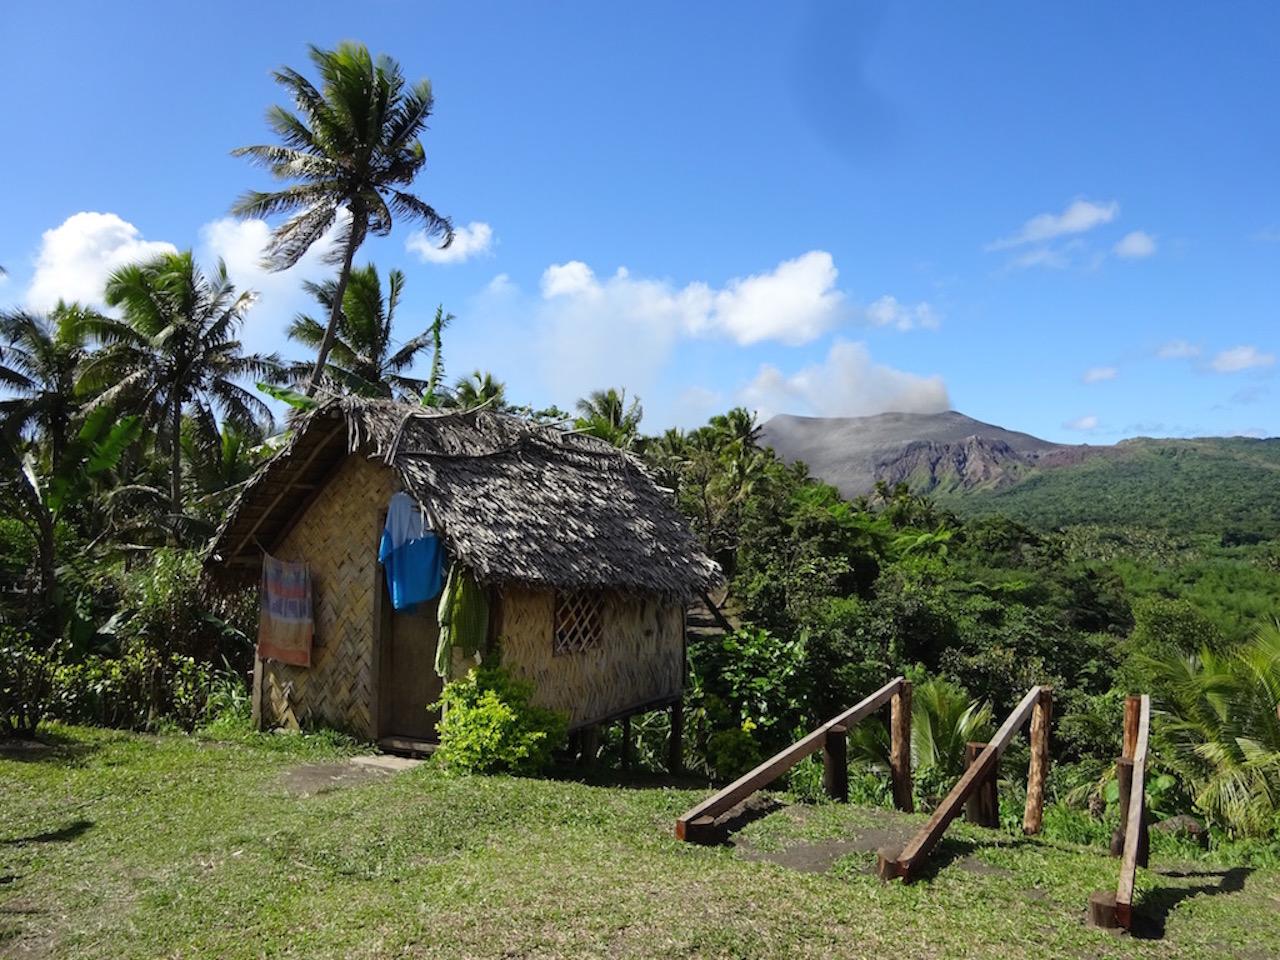 ロッジとヤスール火山